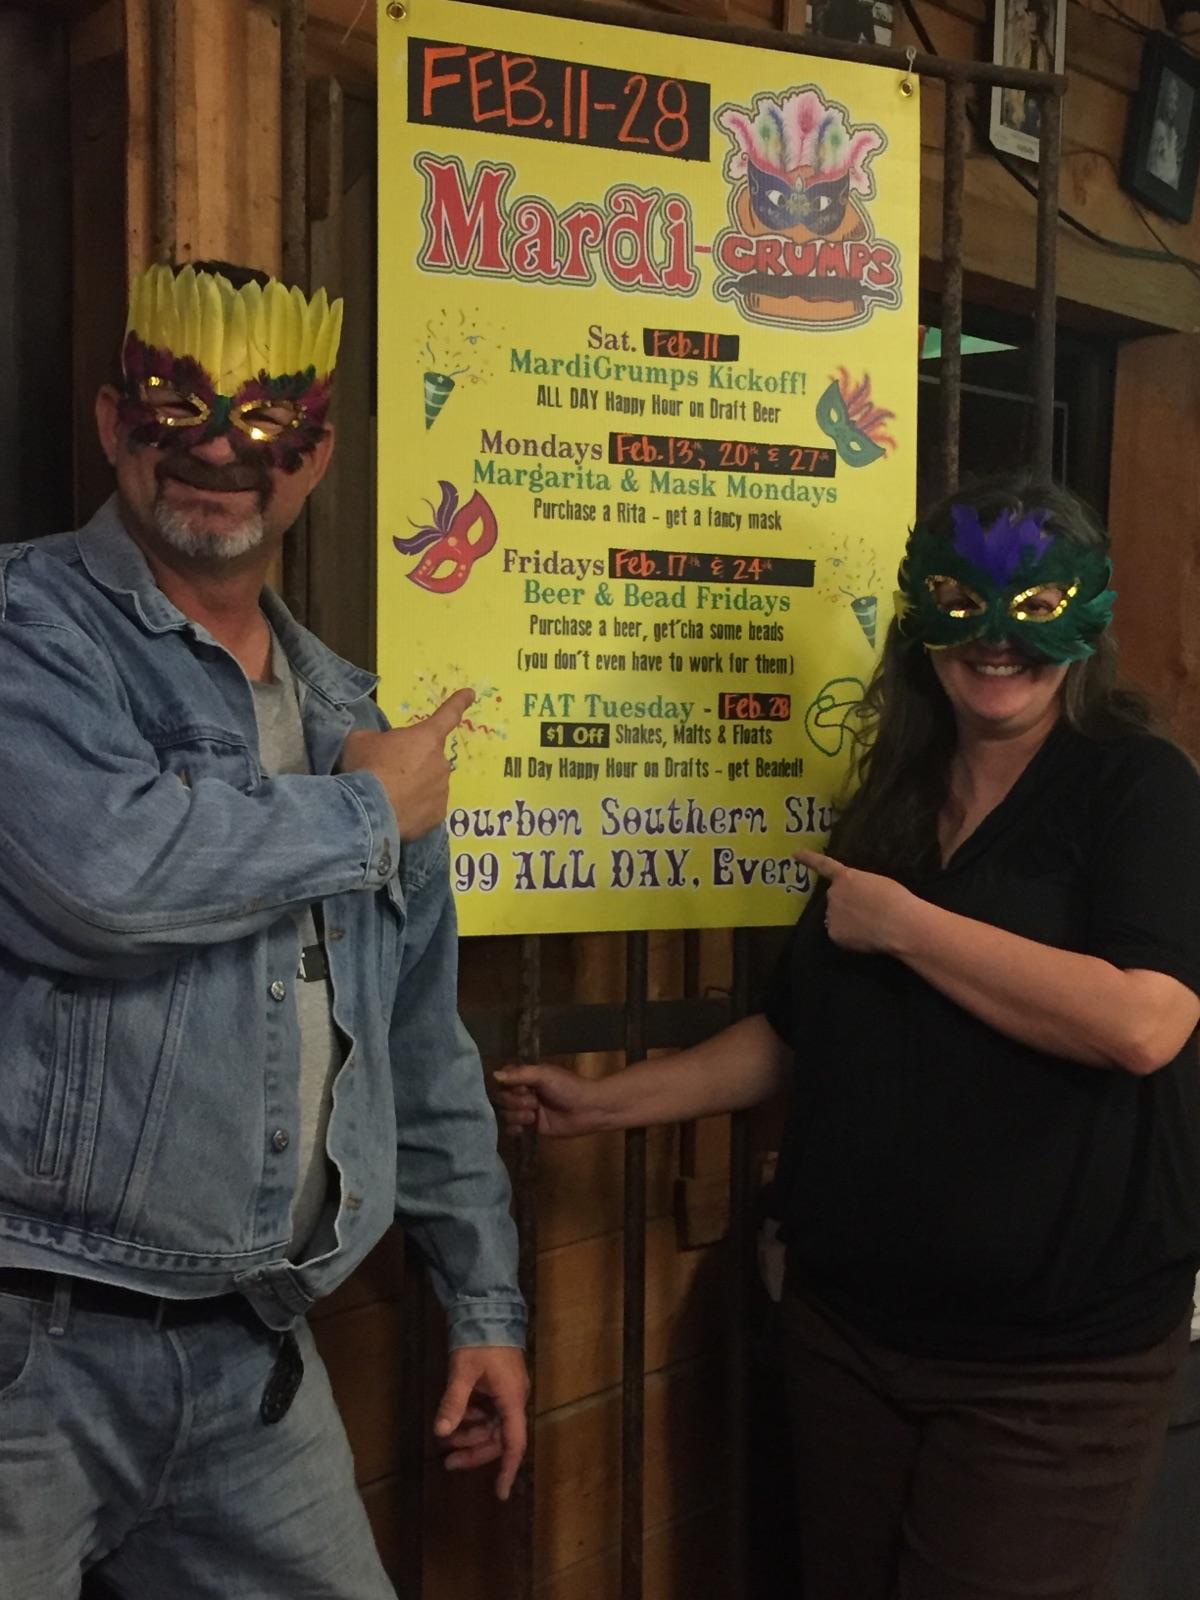 Margarita & Mask Monday!